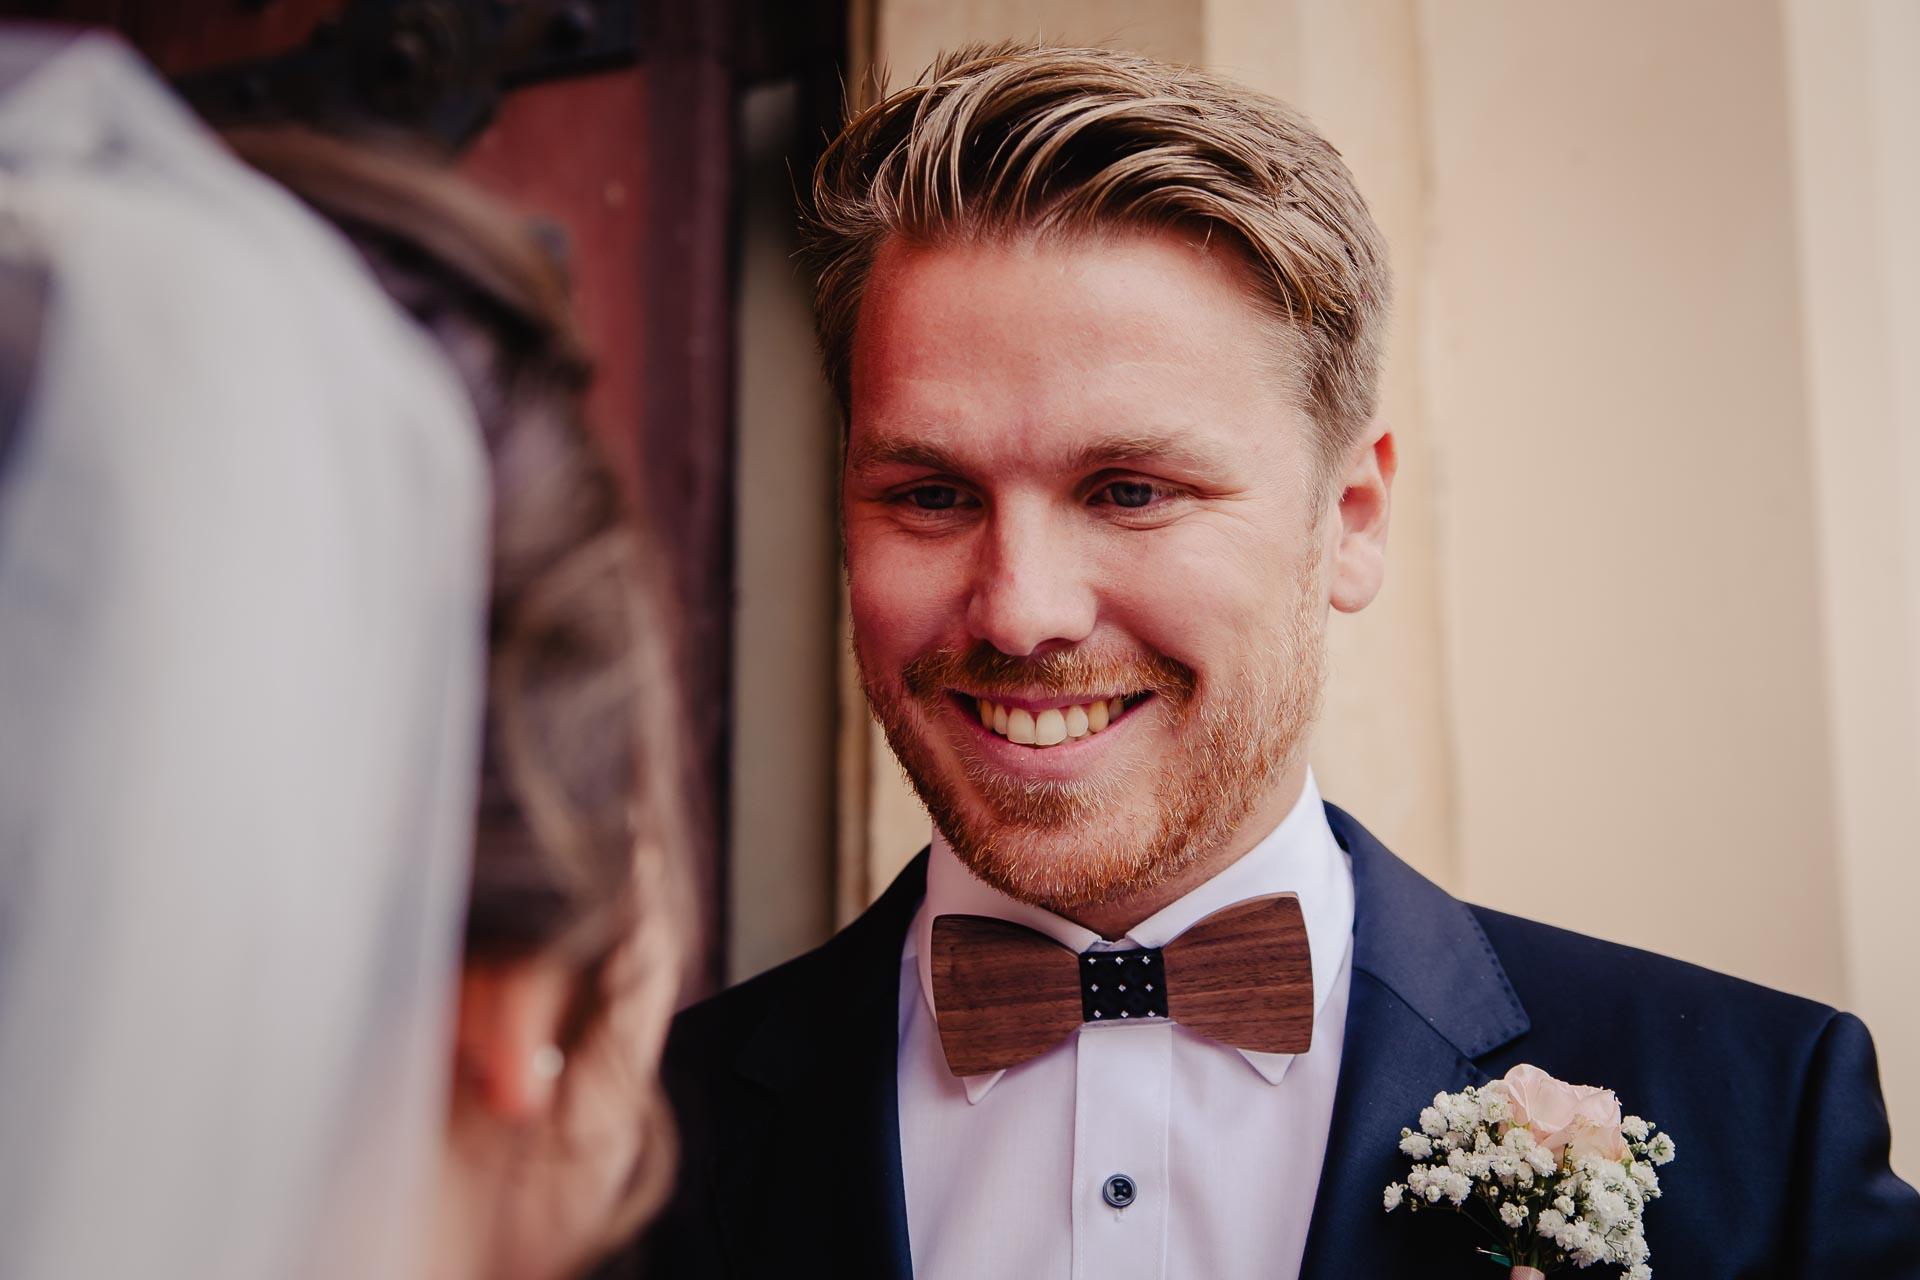 svatební fotograf Praha,svatba střední čechy, církevní obřad, svatba v kostele, nejhezčí svatební fotografie-2430